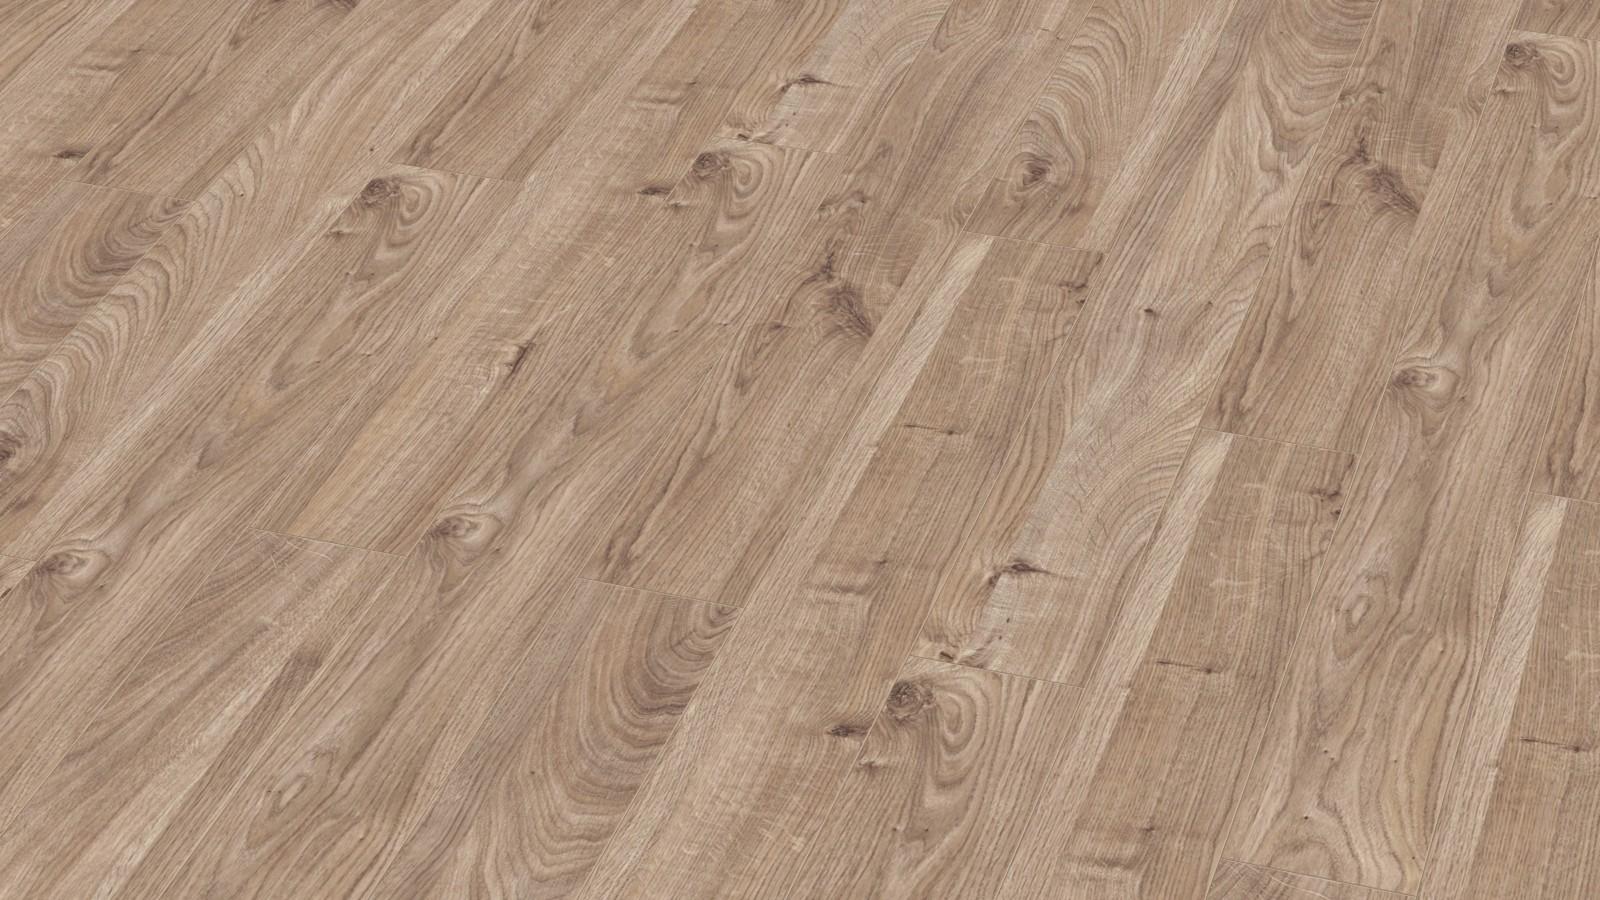 Todo lo que necesitas saber sobre los suelos laminados for Suelos laminados valladolid